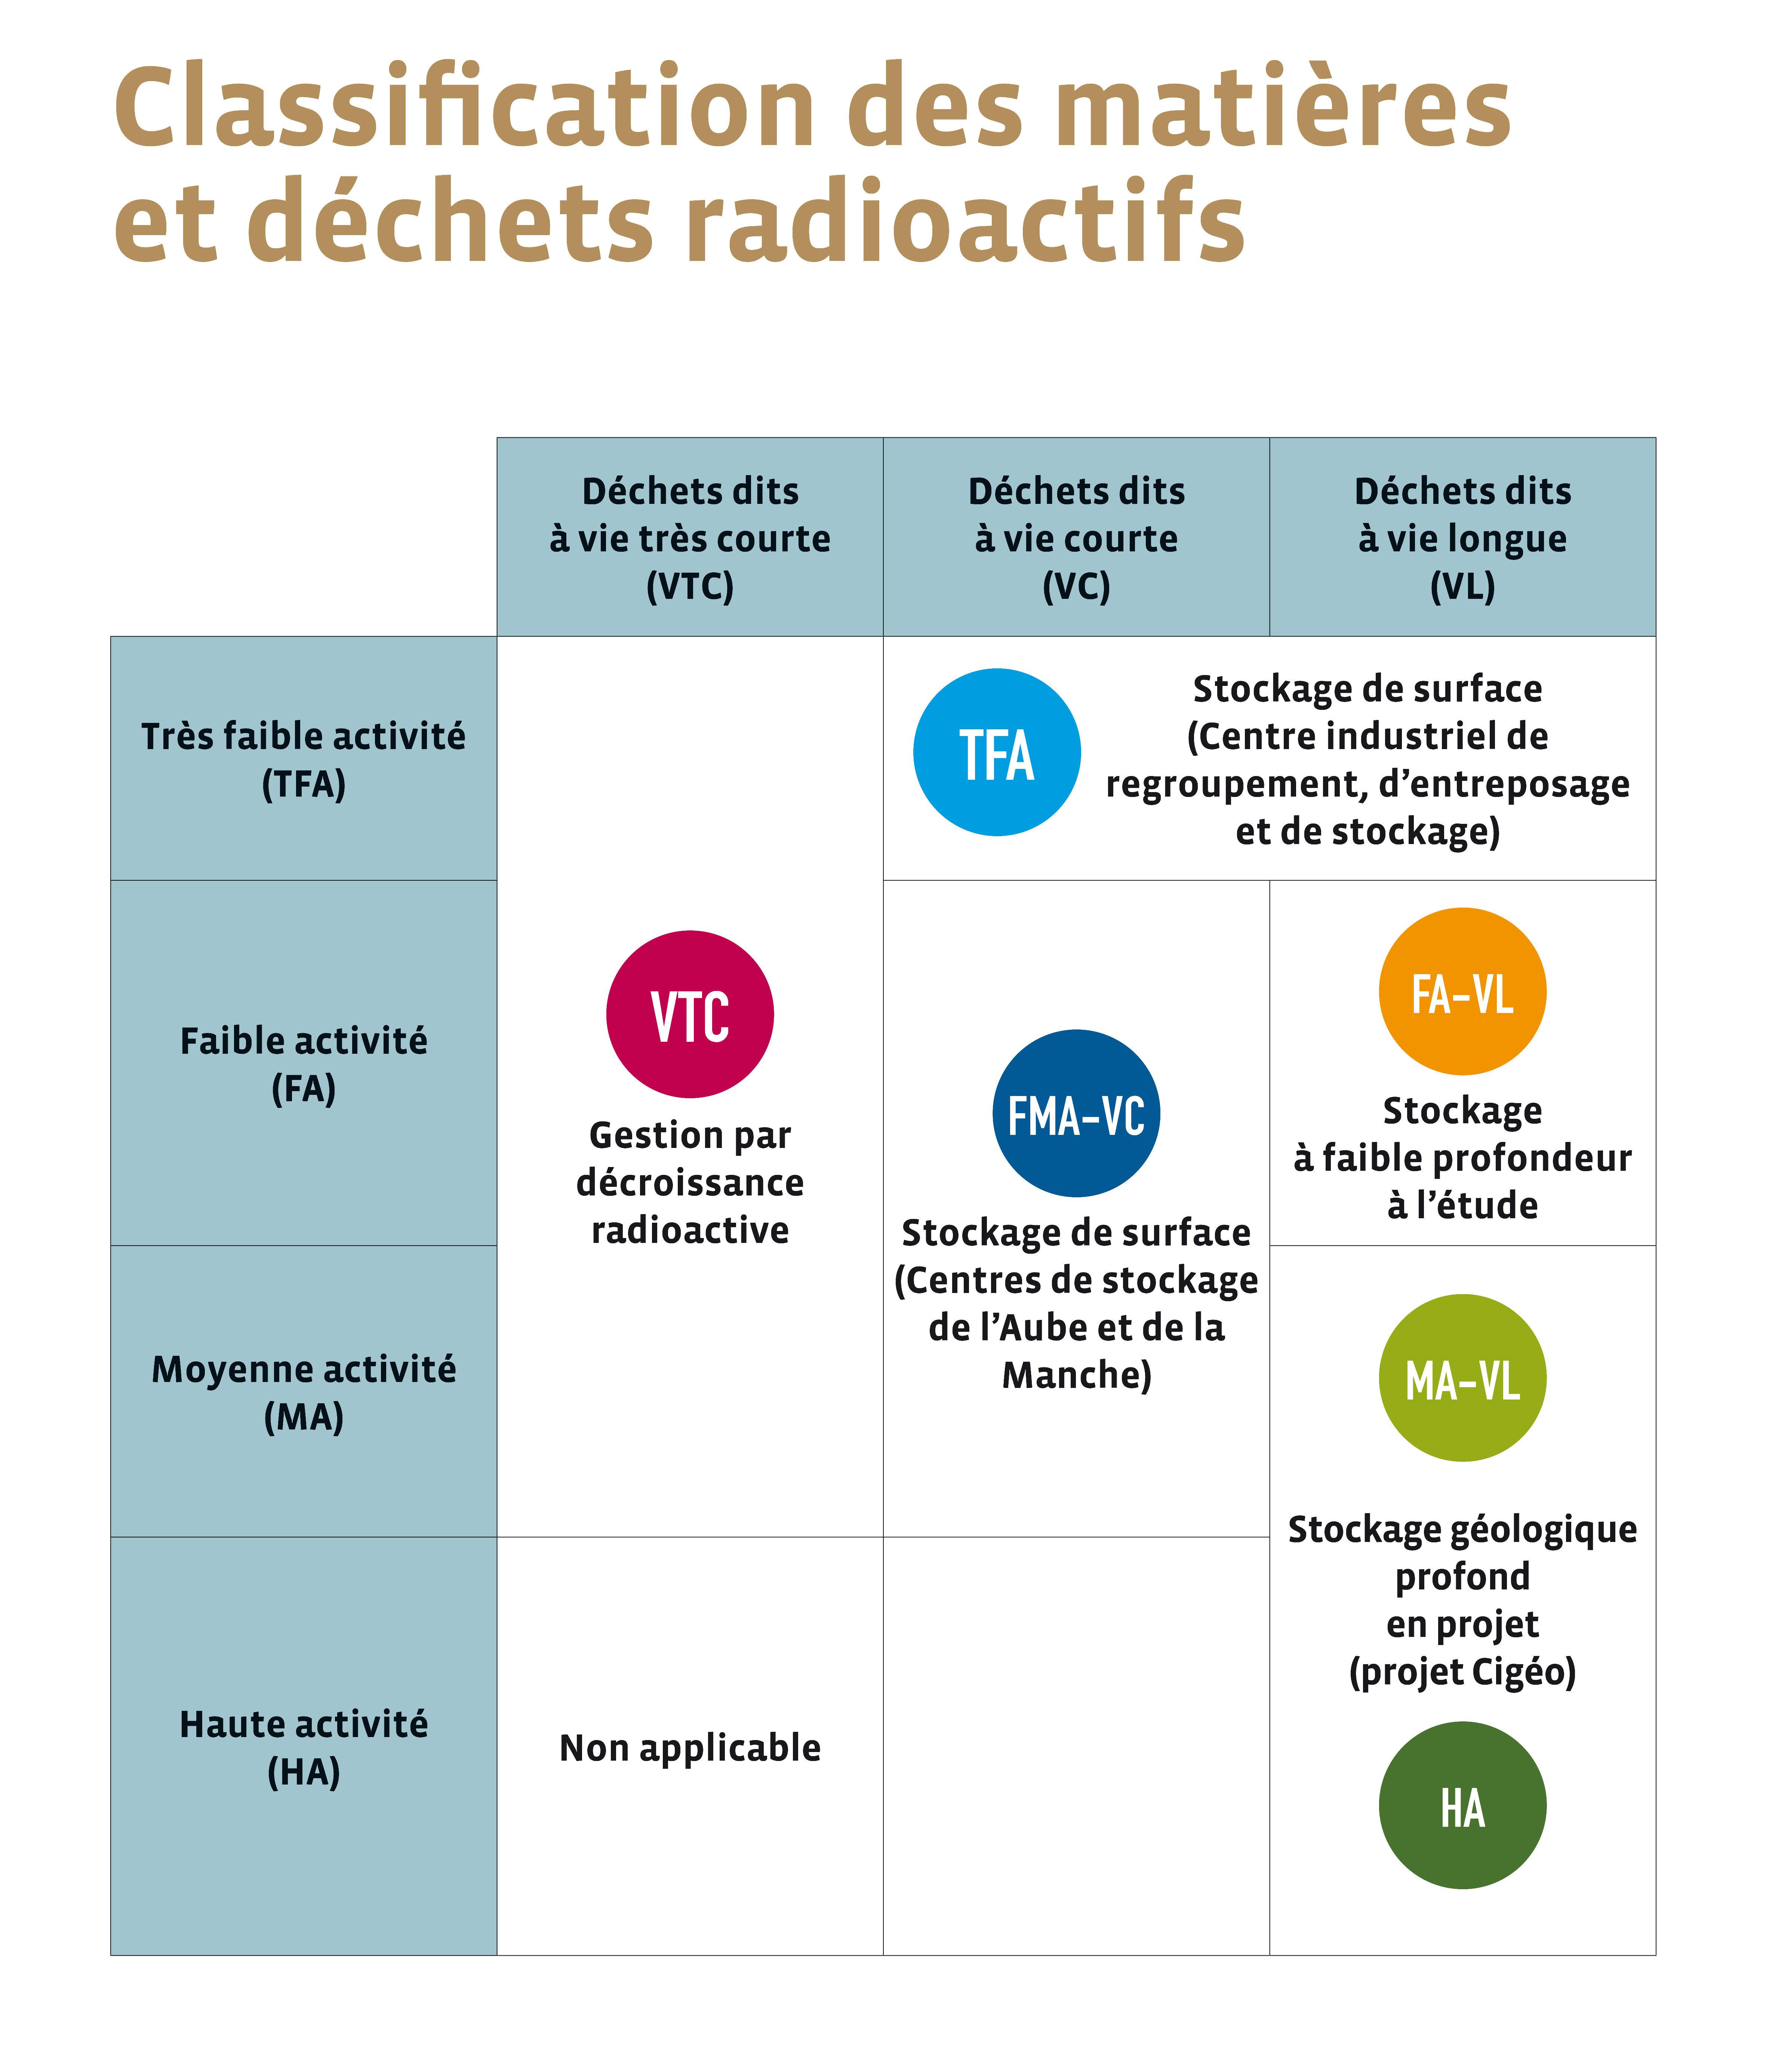 Vitesse radioactive rencontres réponses